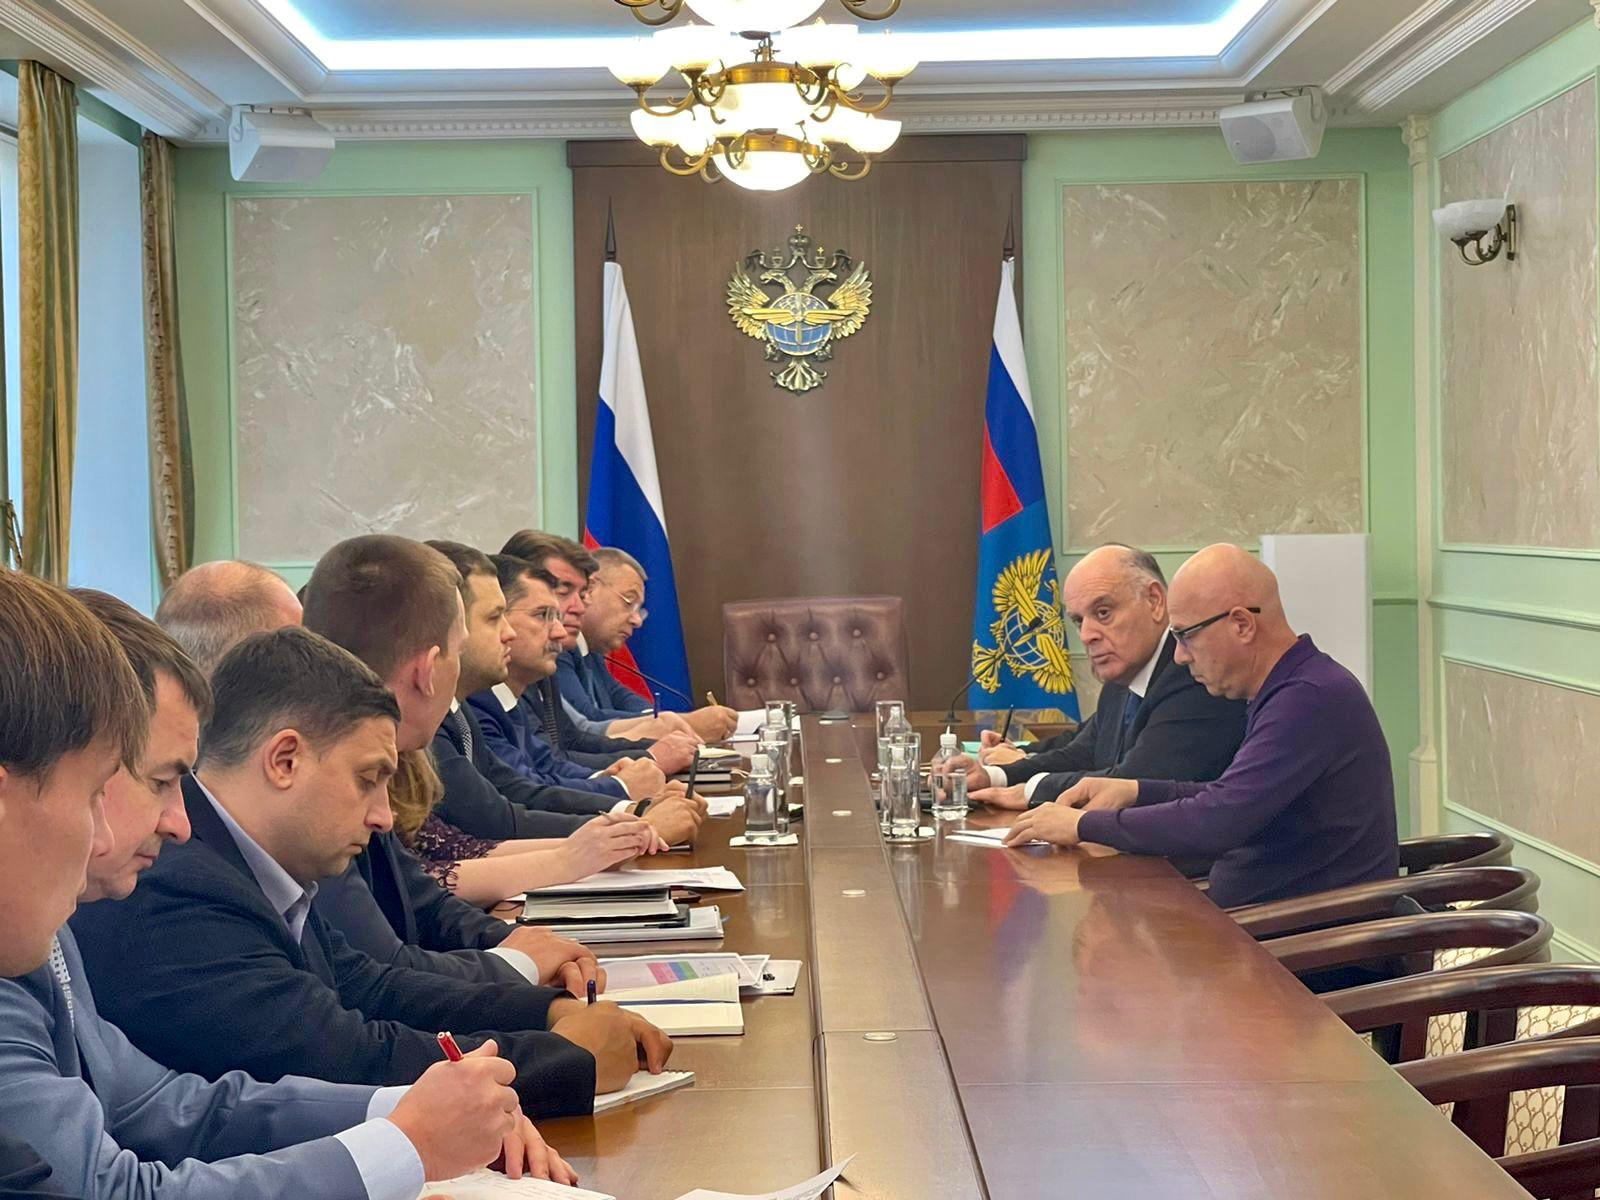 Аслан Бжания встретился с руководителем Федерального агентства воздушного транспорта Александром Нерадько